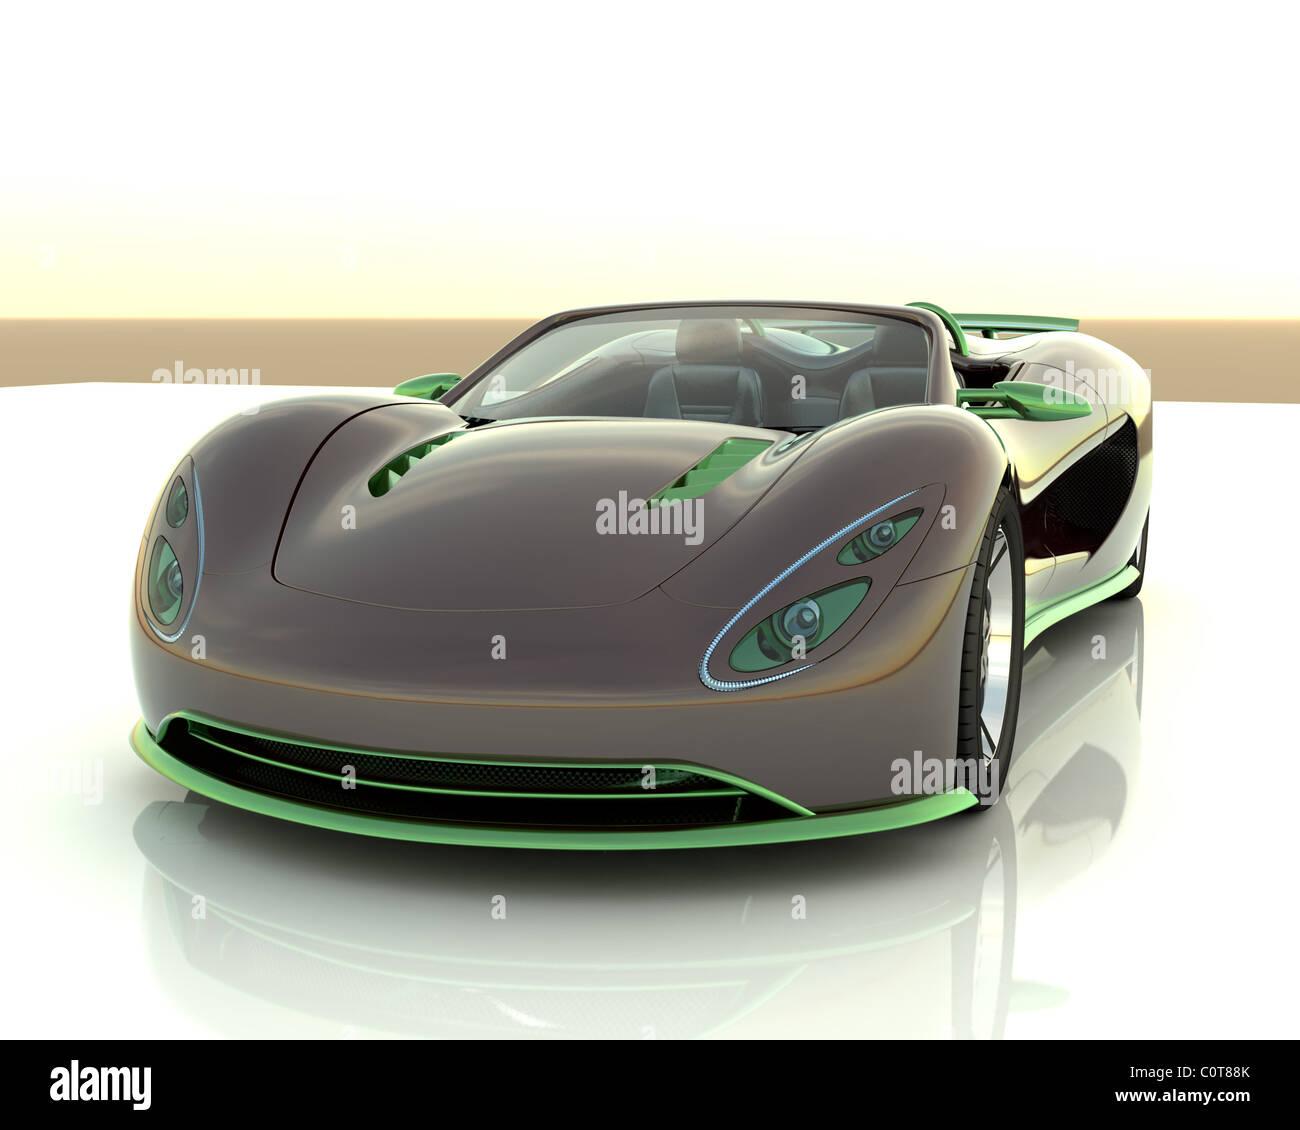 Lamborghini Bugatti: The Scorpion Move Over Bugatti, Lamborghini And Saleen